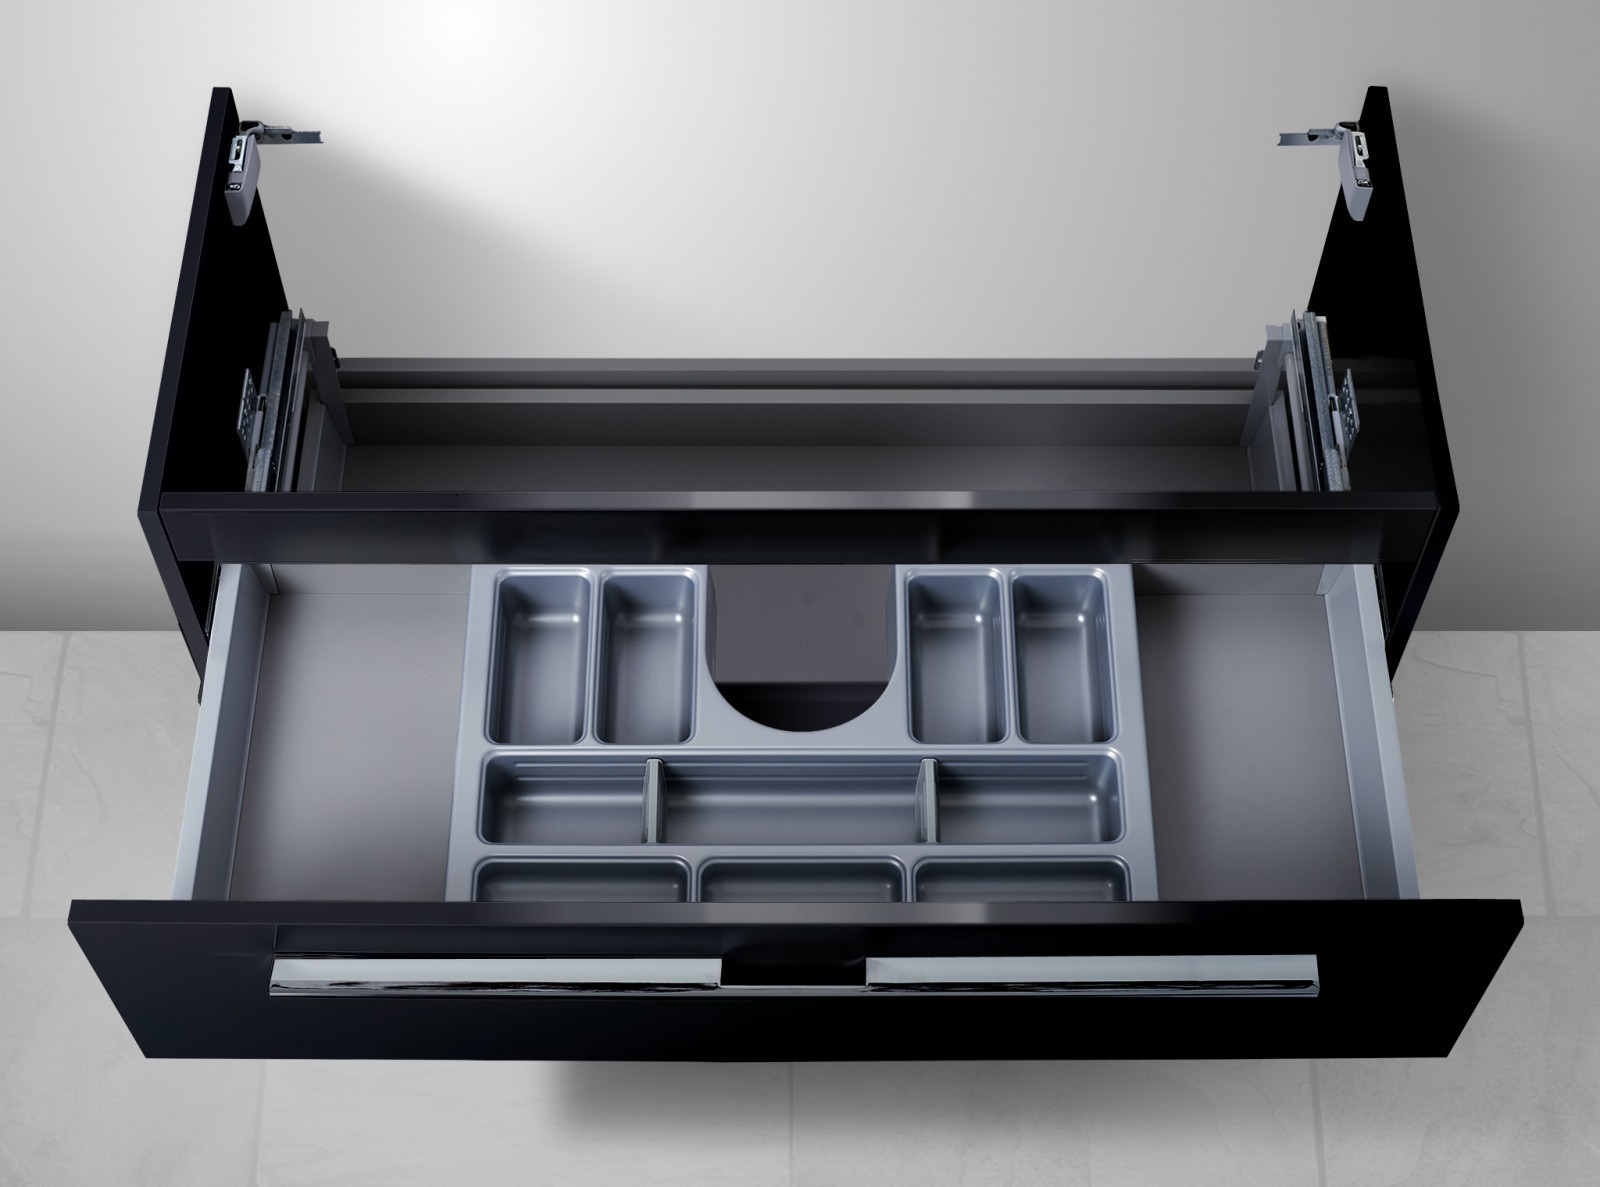 Waschtisch unterschrank f r keramag smyle 120 cm for Waschtisch mit unterschrank 120 cm